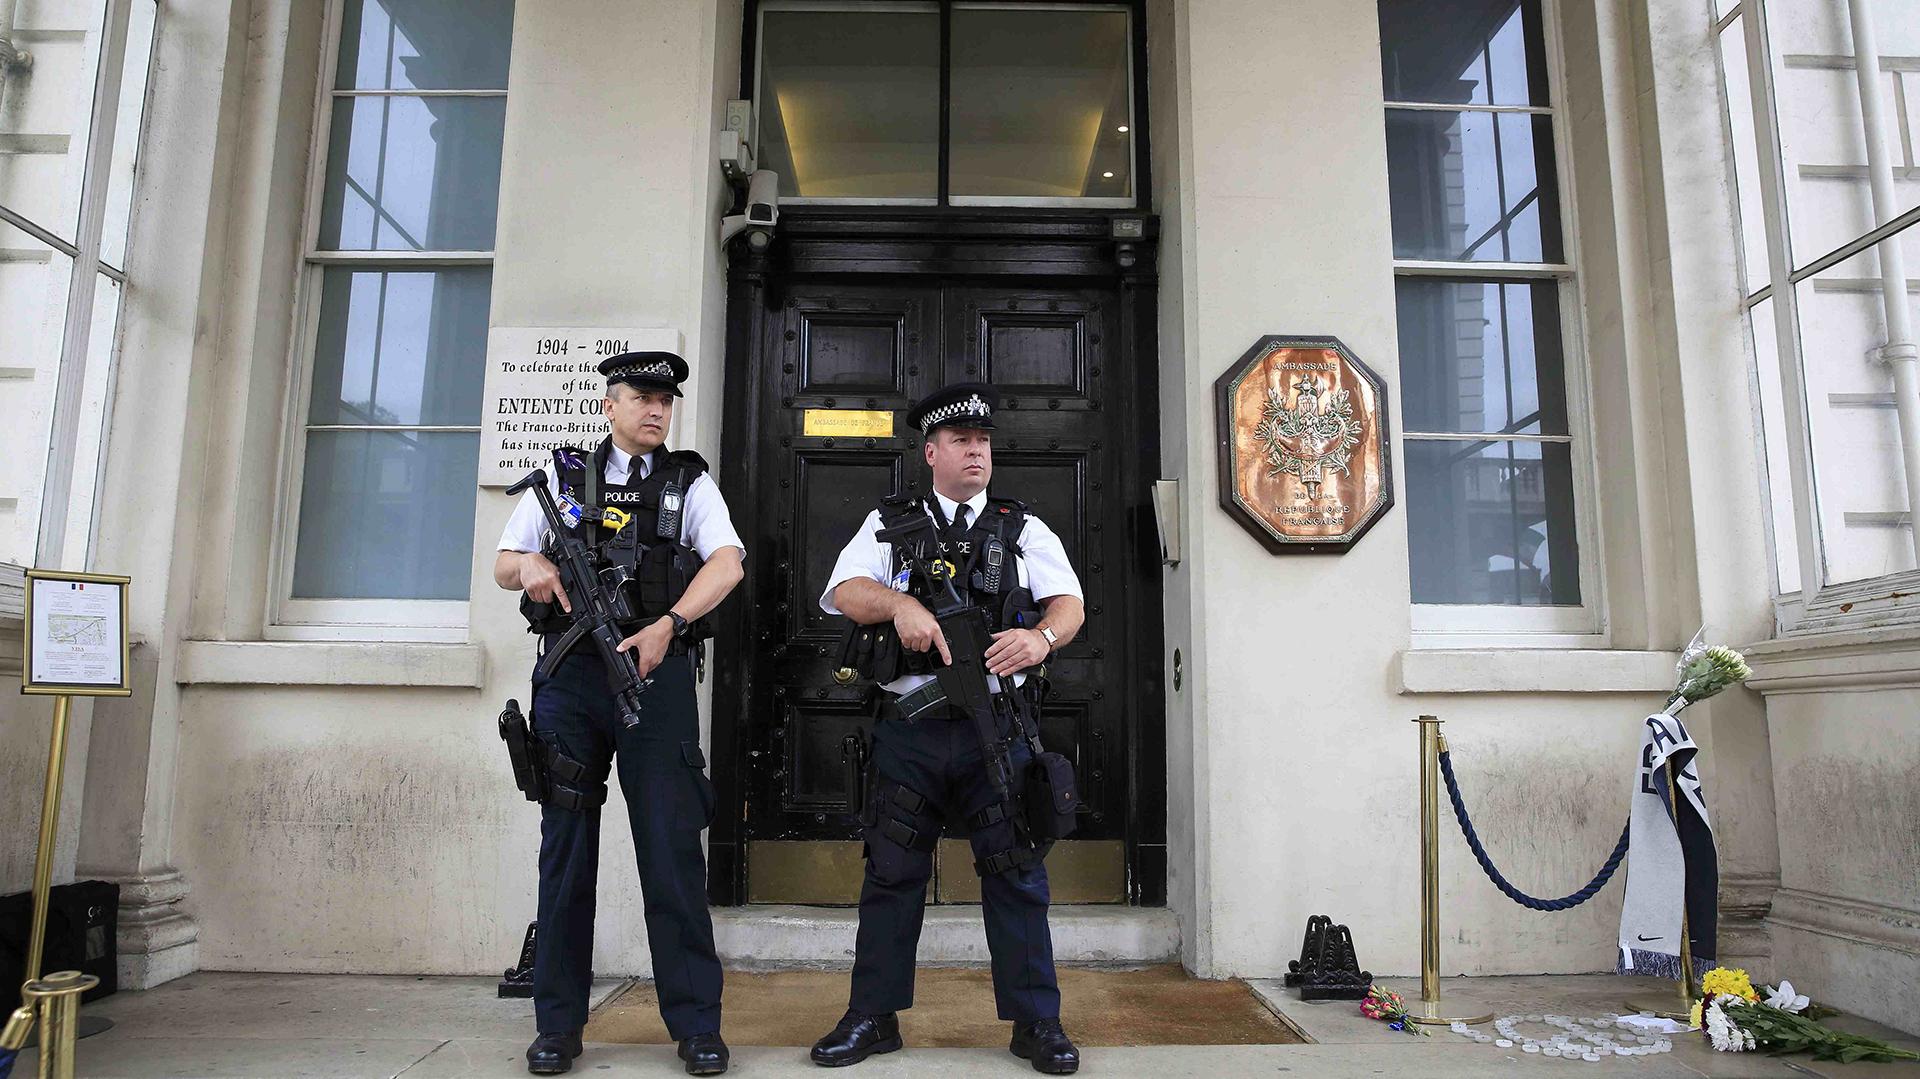 El coordinación en seguridad es un tema de consenso incluso entre los partidarios de un Brexit duro (Reuters)